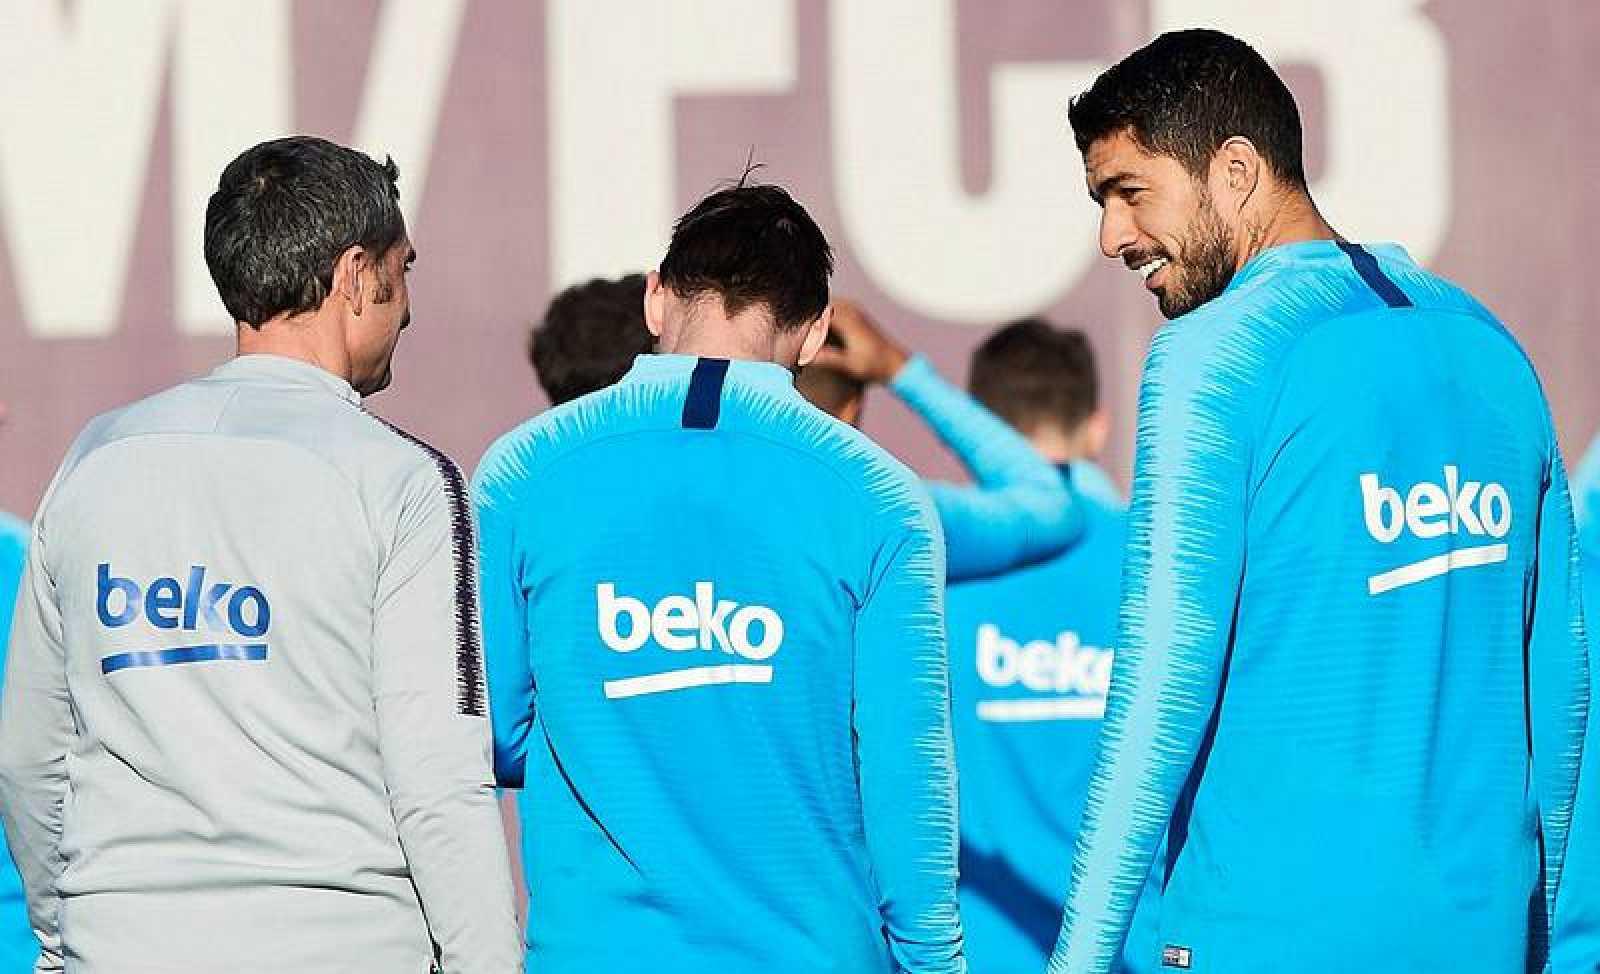 El jugador del FC Barcelona Luis Suárez (d) conversa con el entrenador, Ernesto Valverde (i), durante un entrenamiento.